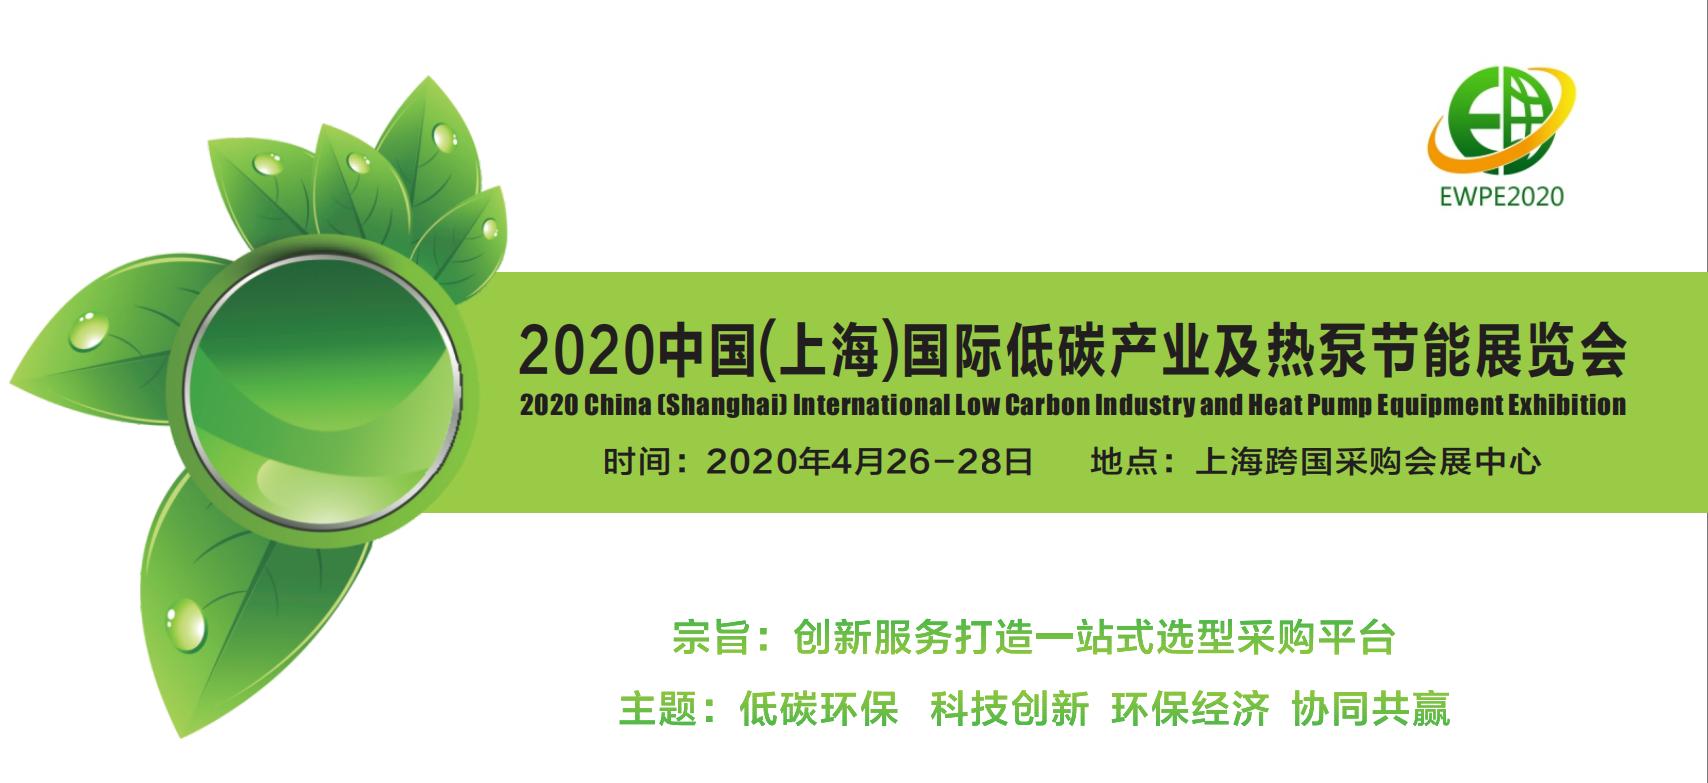 2020上海低碳产业及热泵节能展